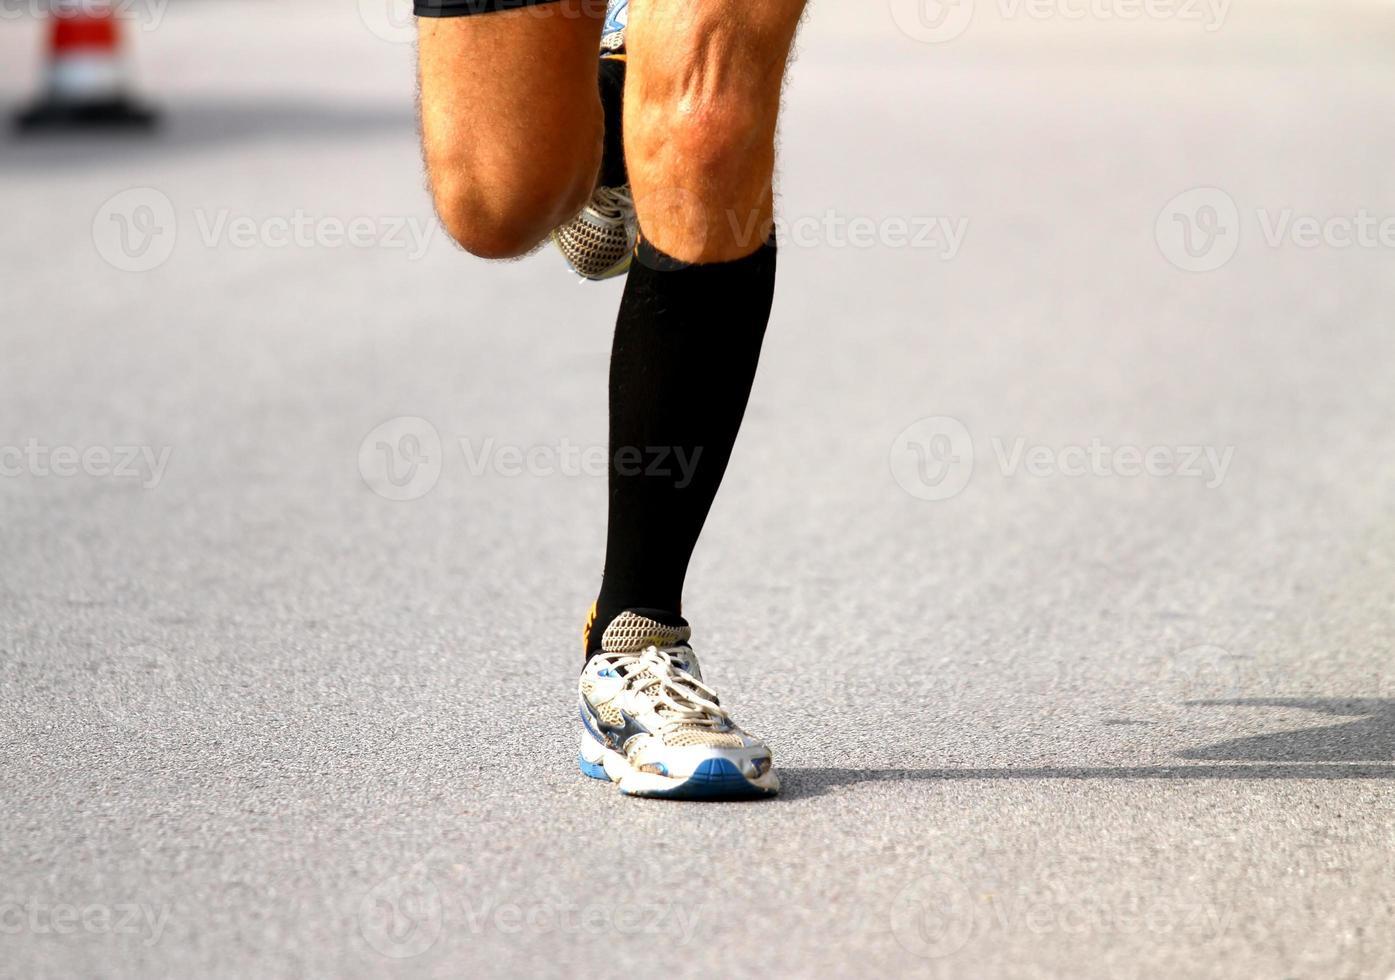 snabb löpare med sneakers under maraton på vägen foto